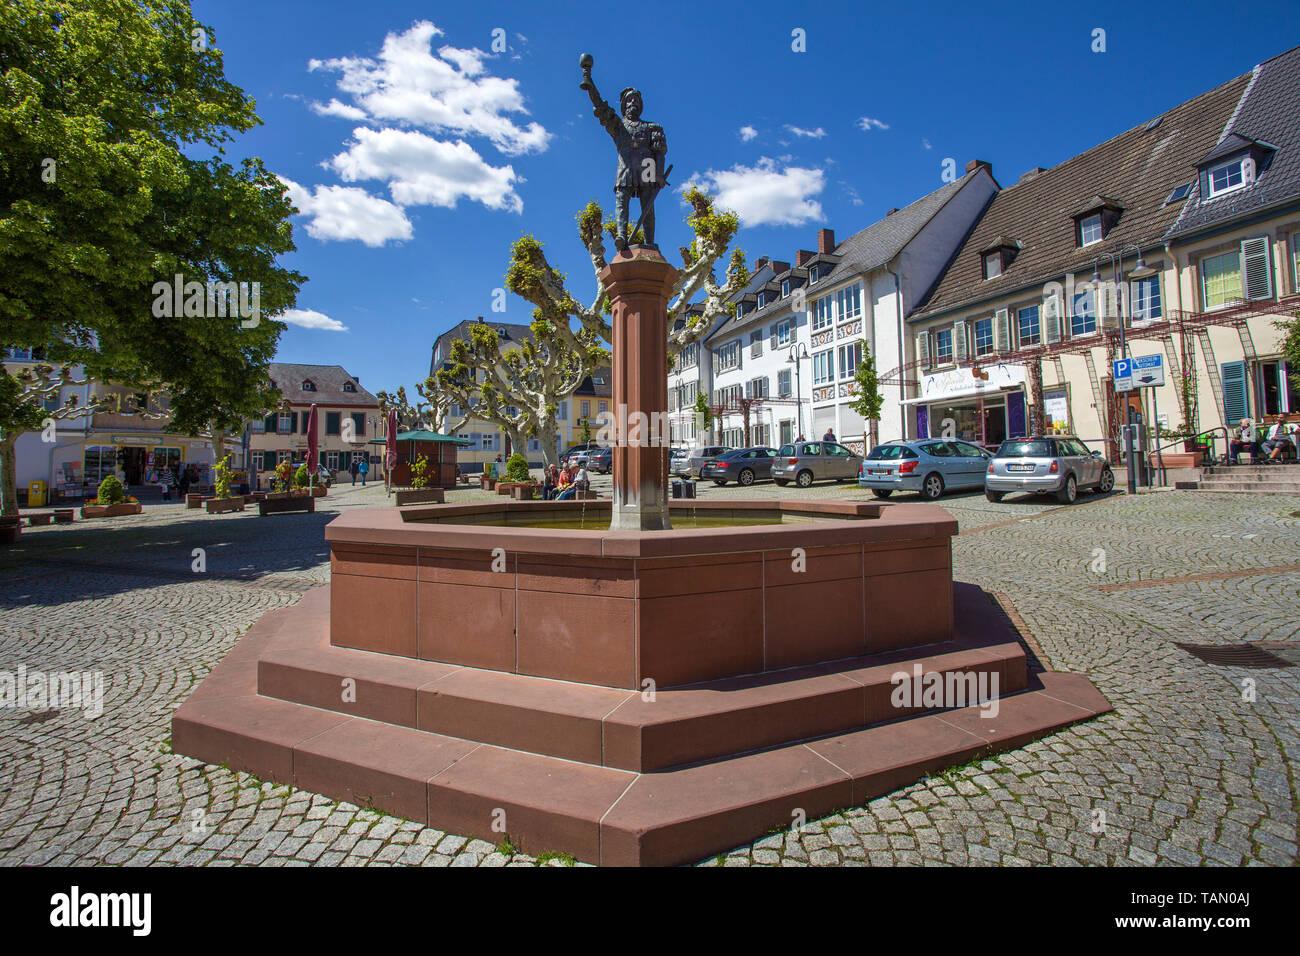 Weinbrunnen rüdesheimer platz 2019